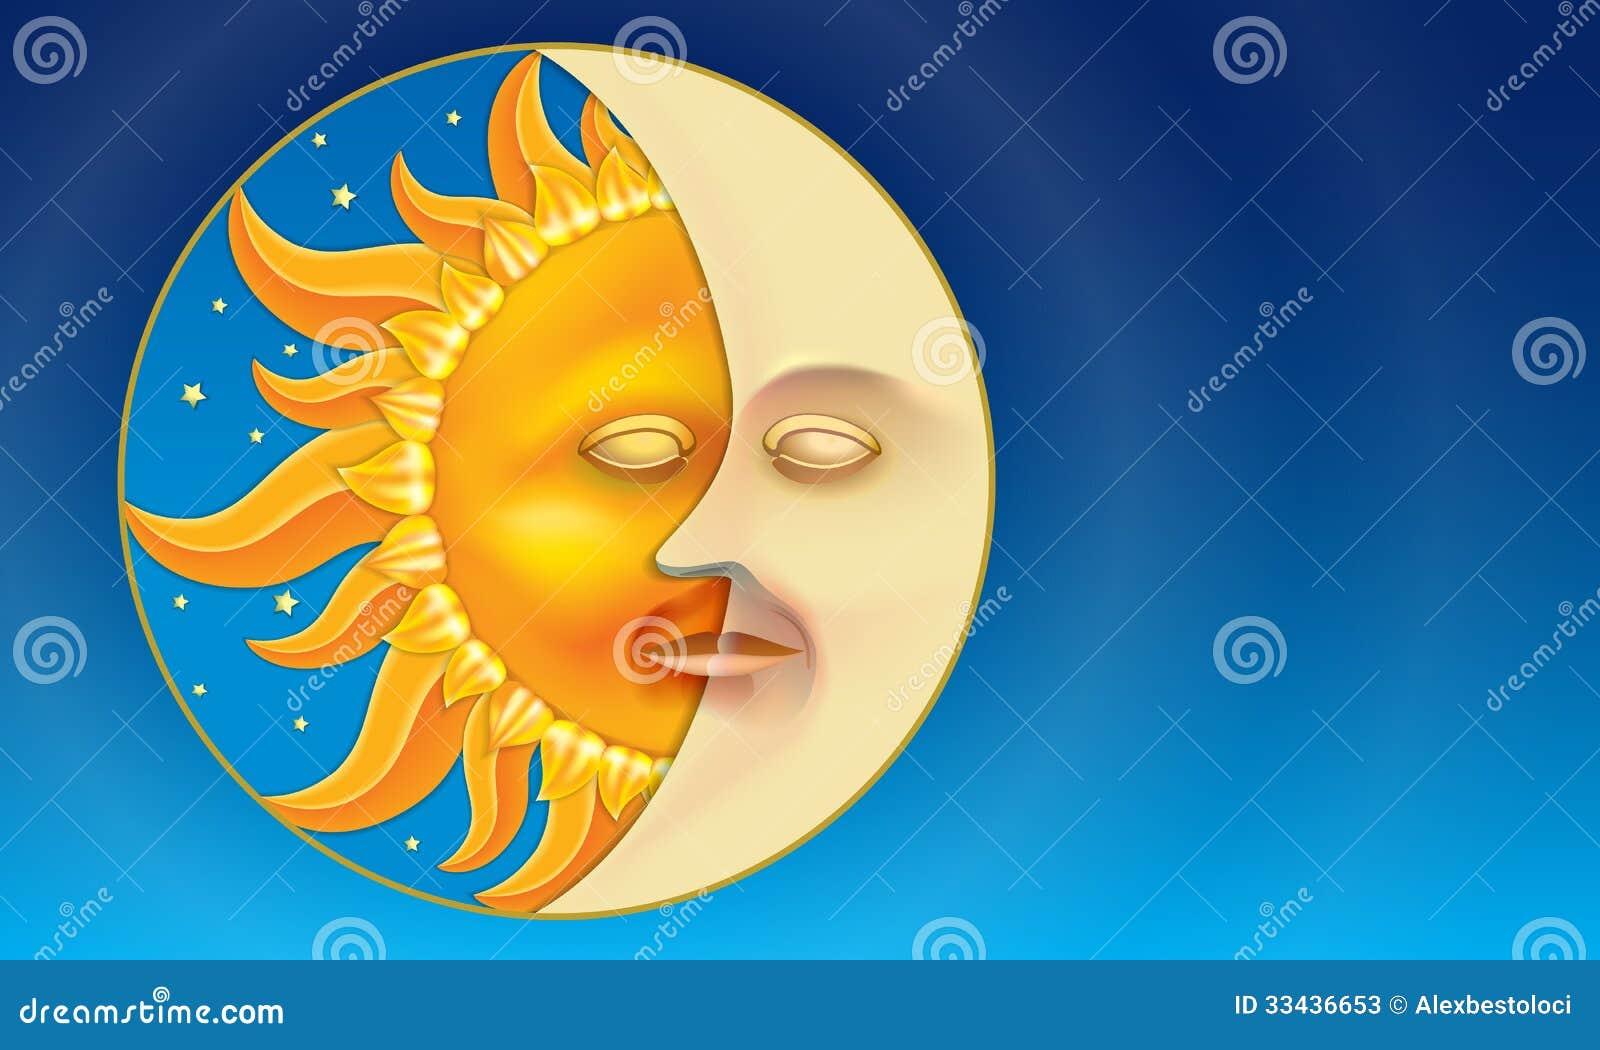 Sol och måne (dygnet runt) i låg-lättnad stil.